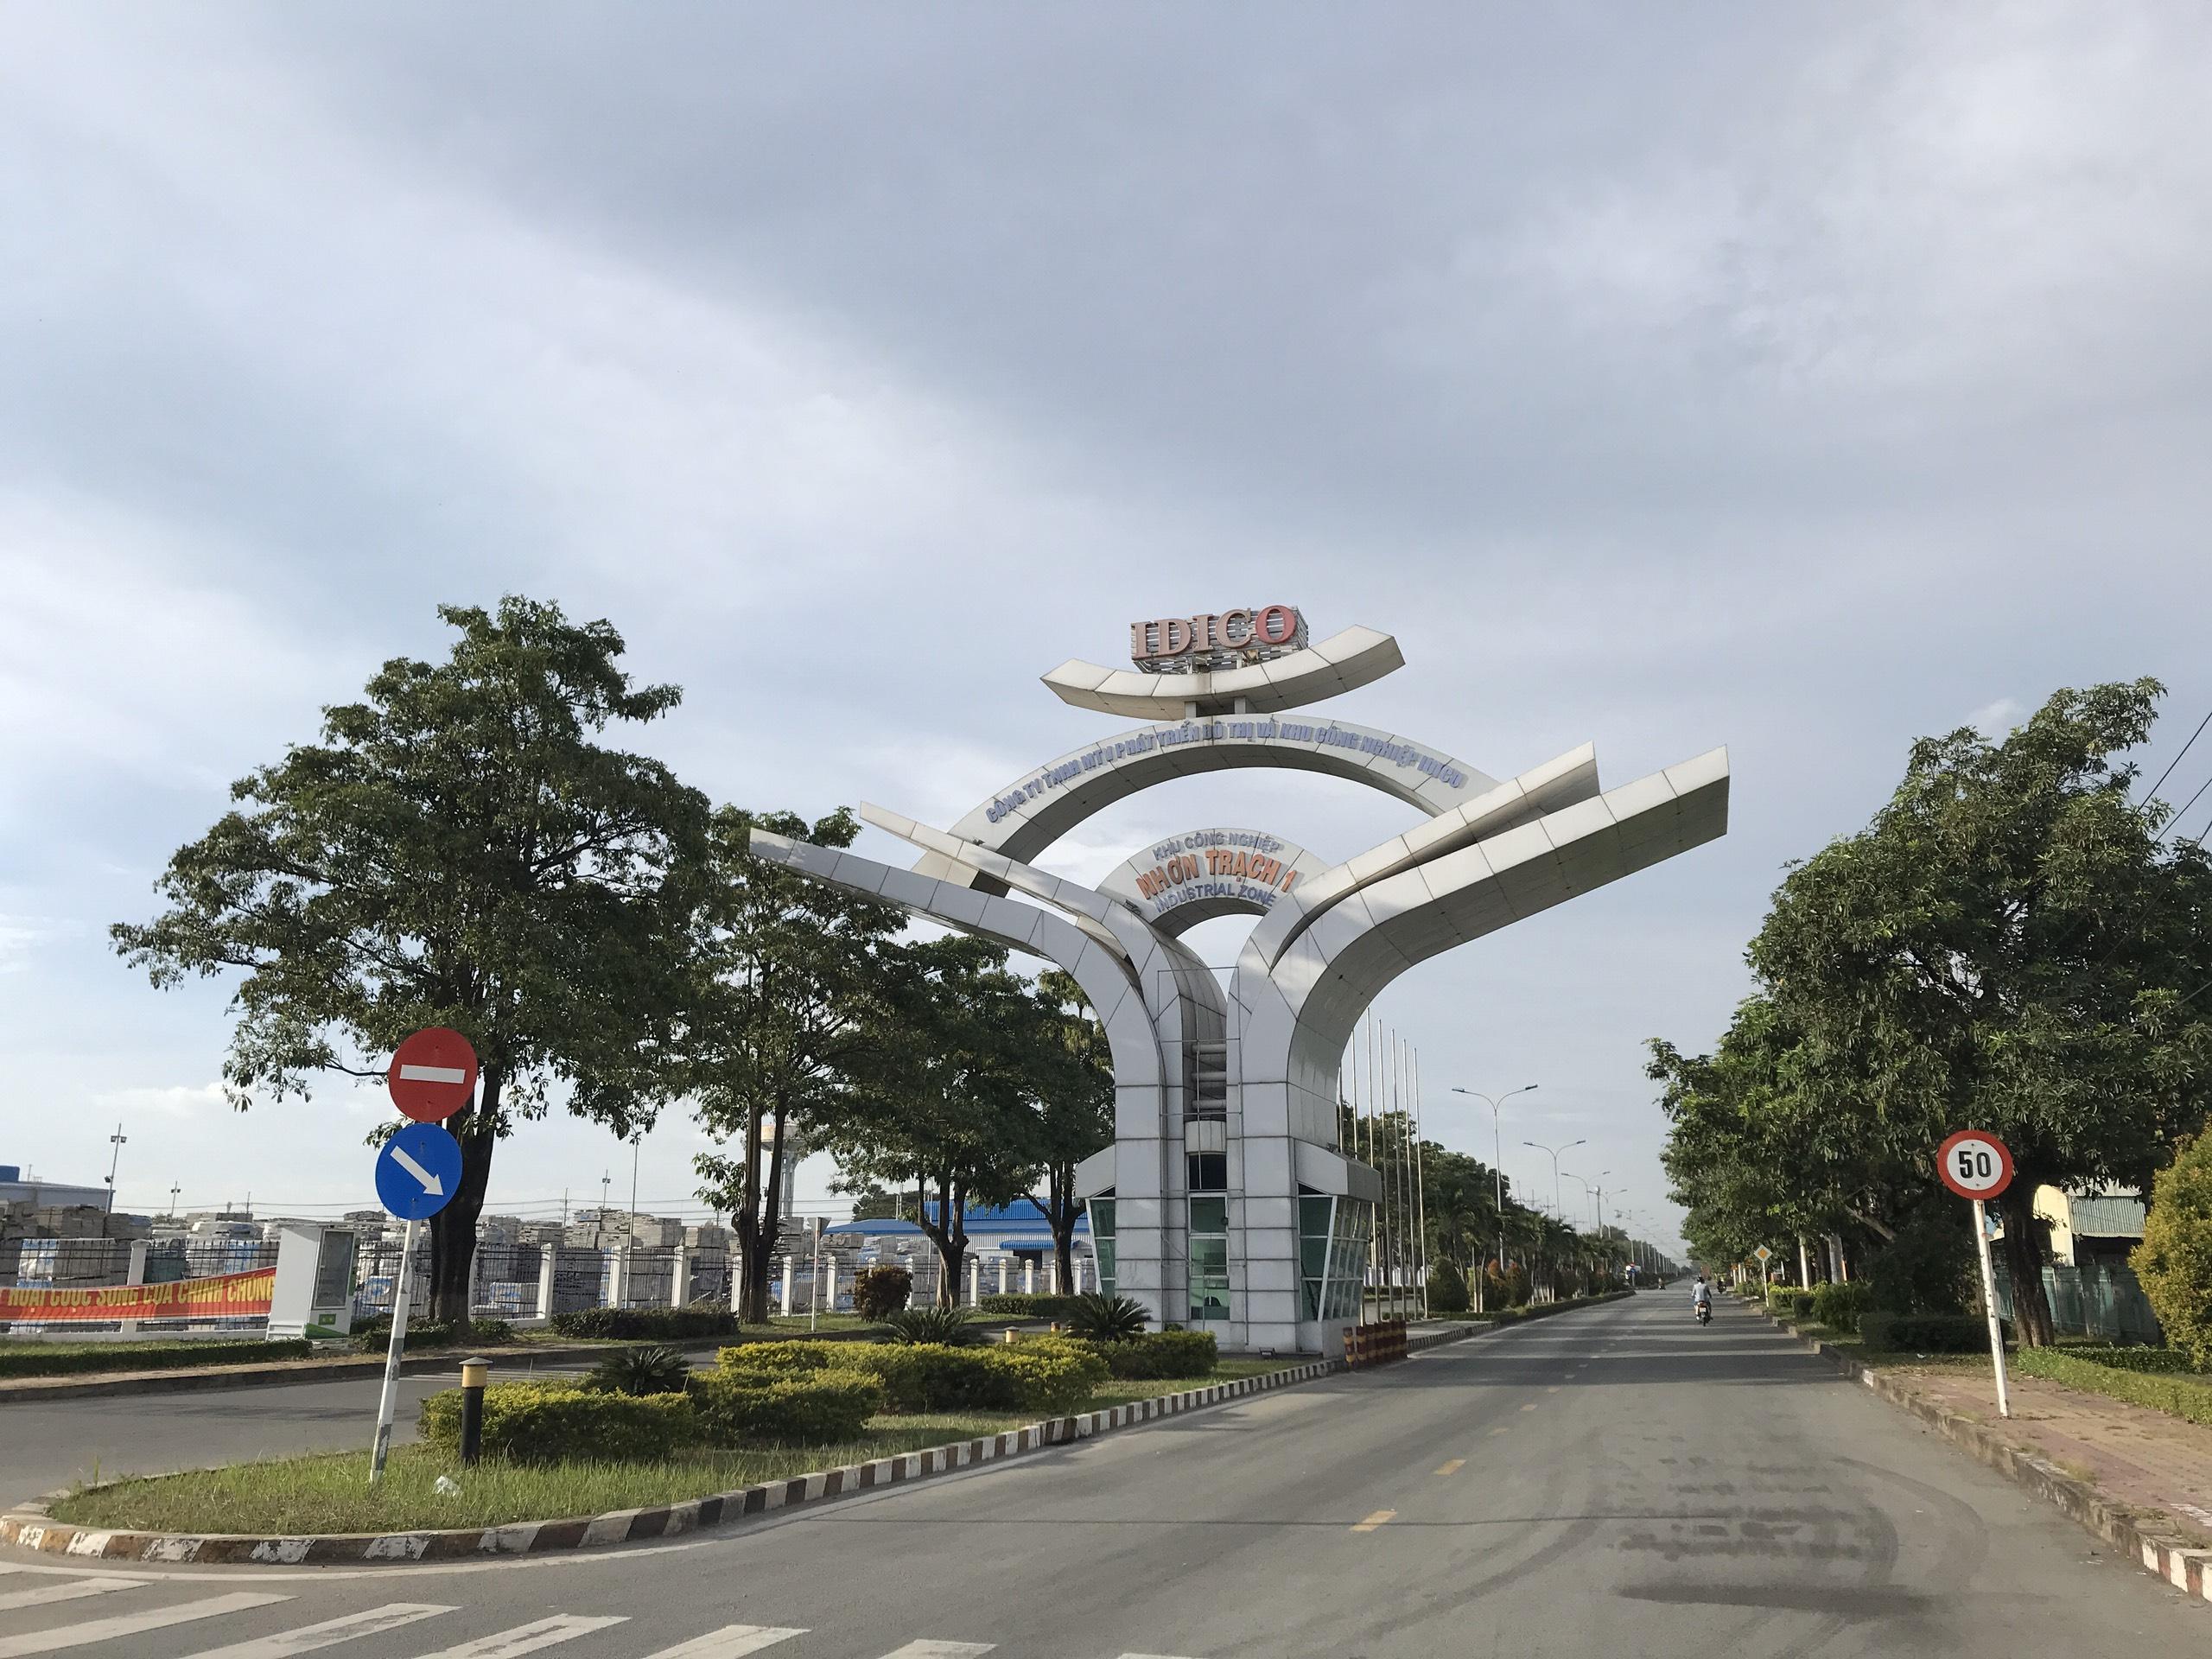 Giá thuê đất công nghiệp Đồng Nai tăng cao - Ảnh 1.